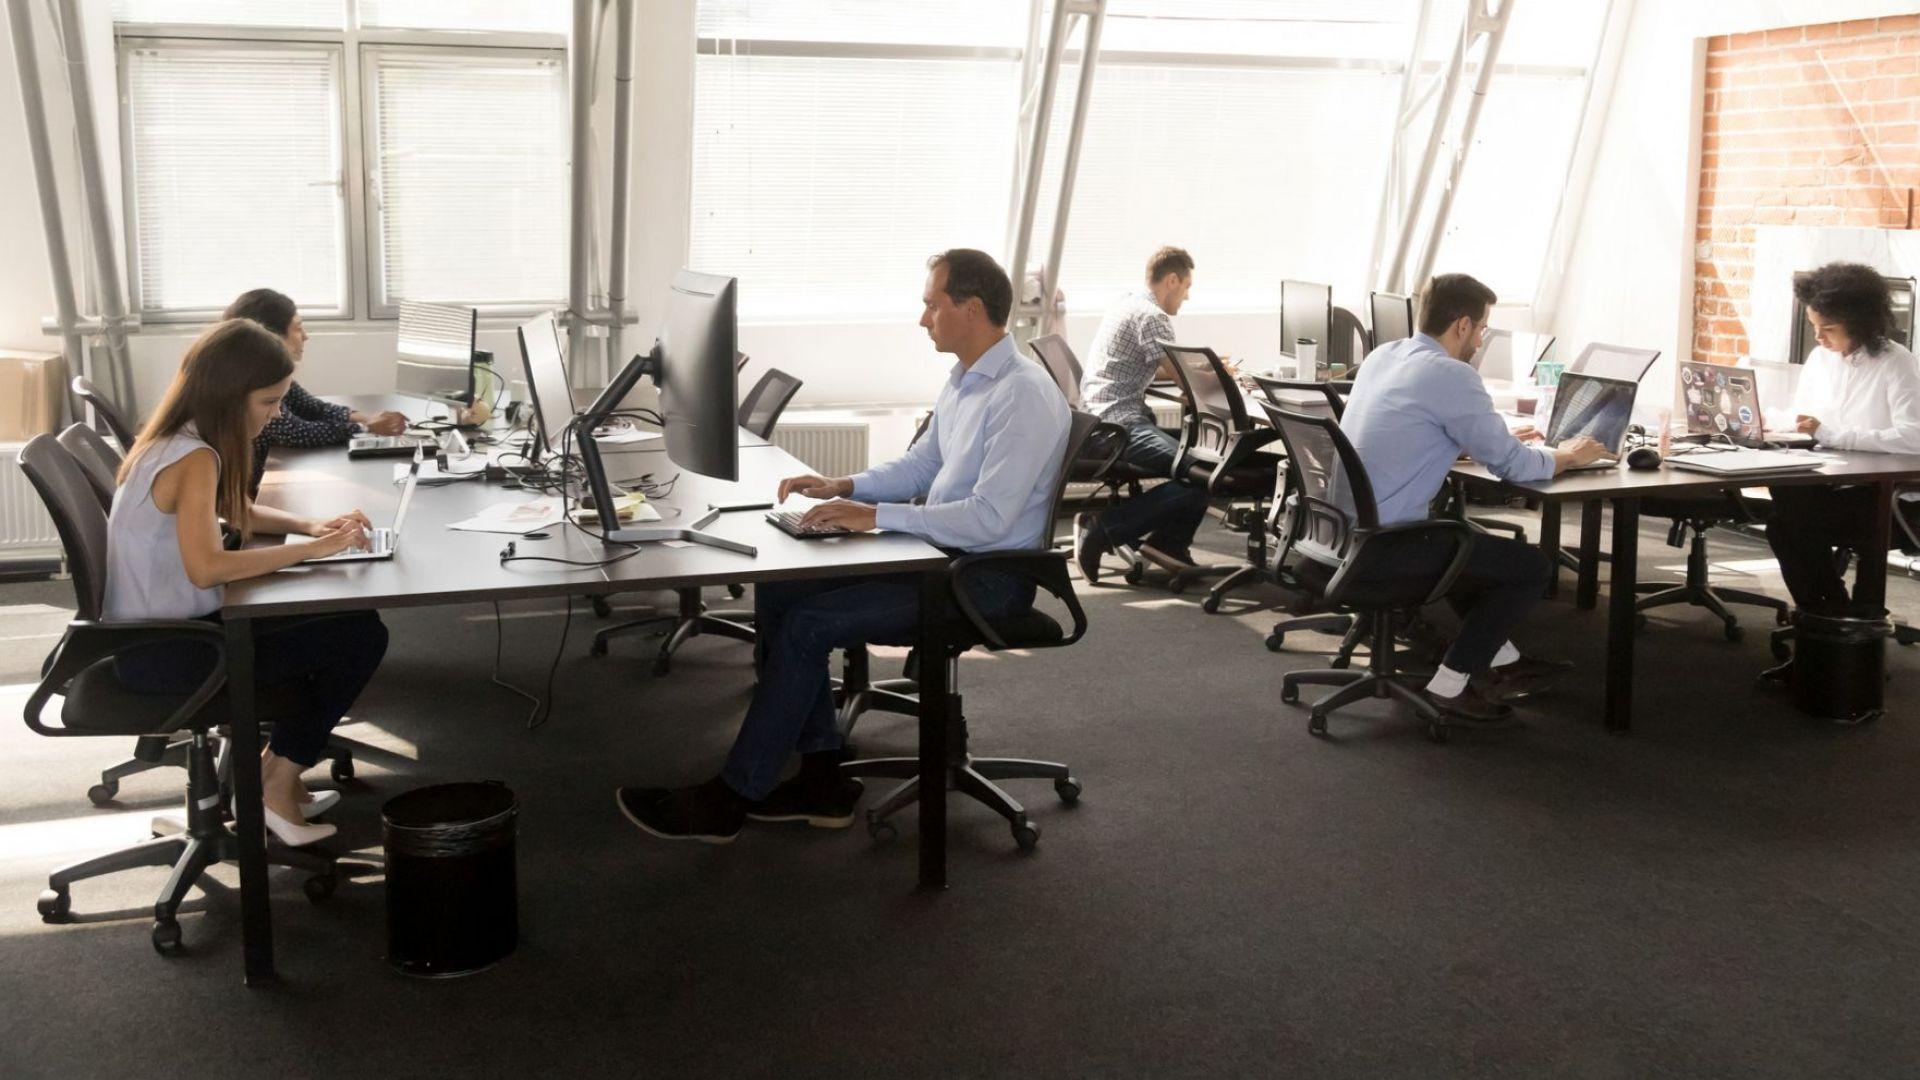 Злоупотребата със сумарното изчисляване на работното време се превръща в